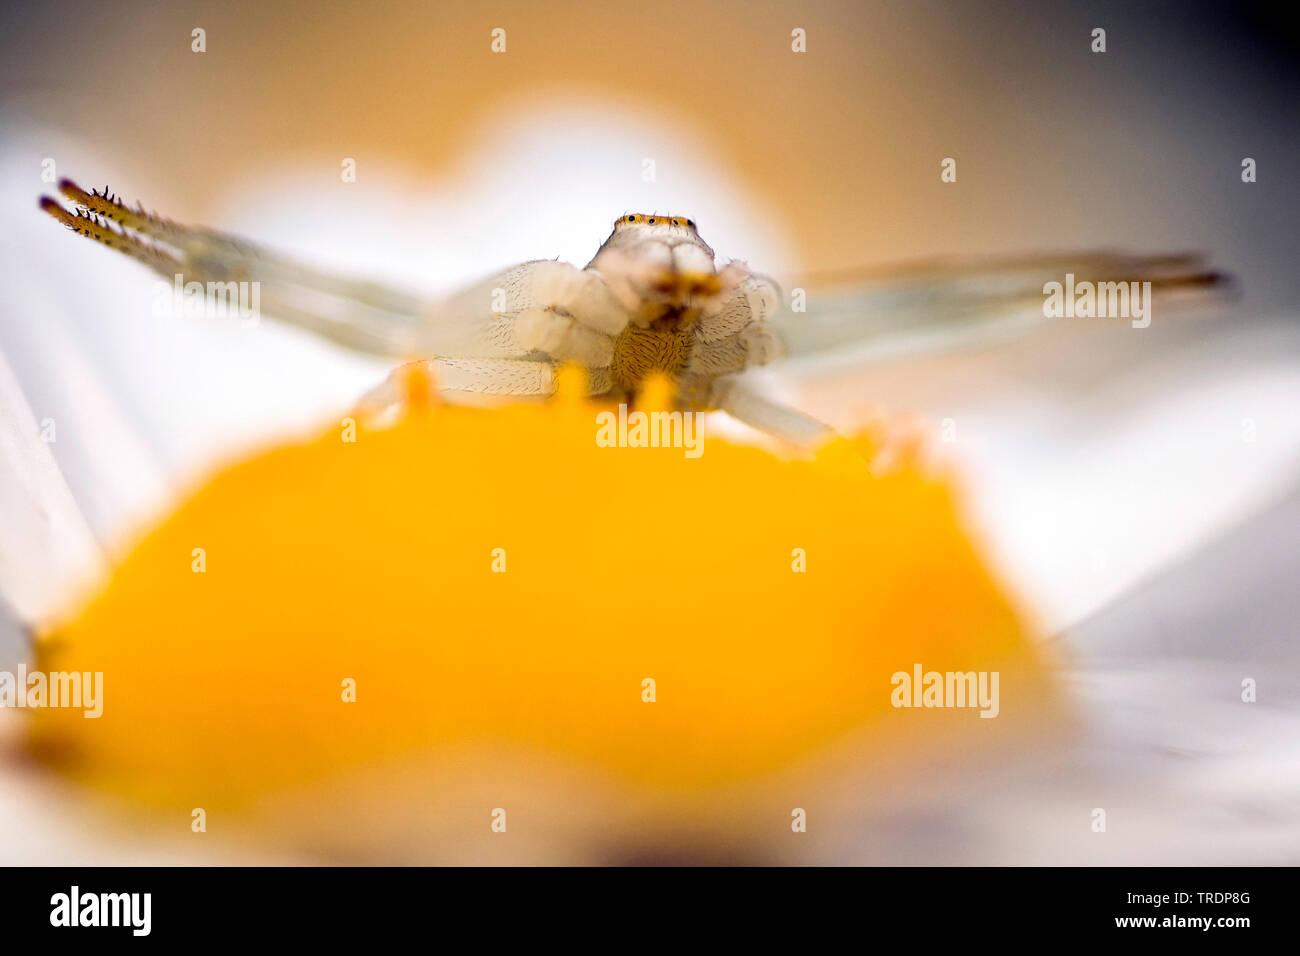 Houghton (Misumena vatia araignée crabe), le crabe araignée au centre d'une fleur blanche et jaune, Hongrie Banque D'Images